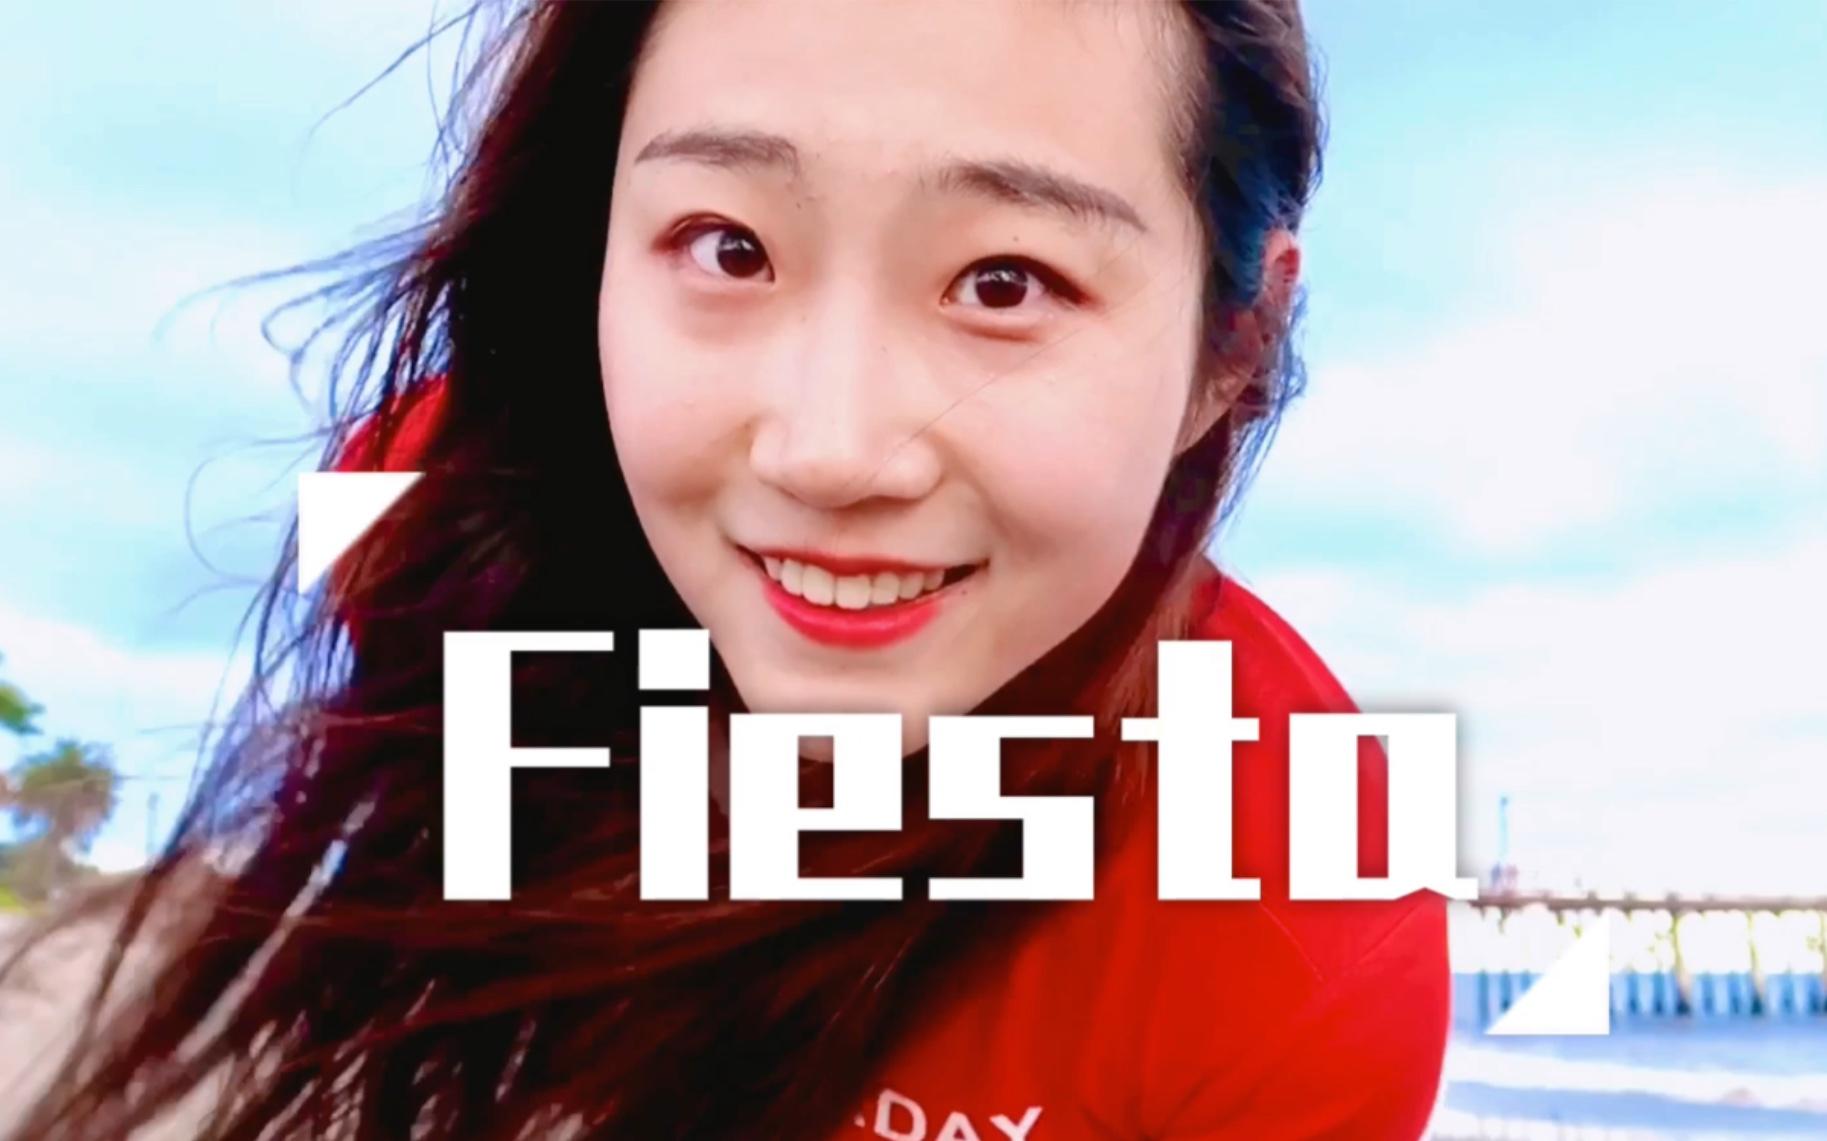 izone-Fiesta //微胖少女要珍惜//祖傳長靴不見了!在絕美海灘蹦噠-愛嗶哩(B站視頻,音頻mp3解析下載站)